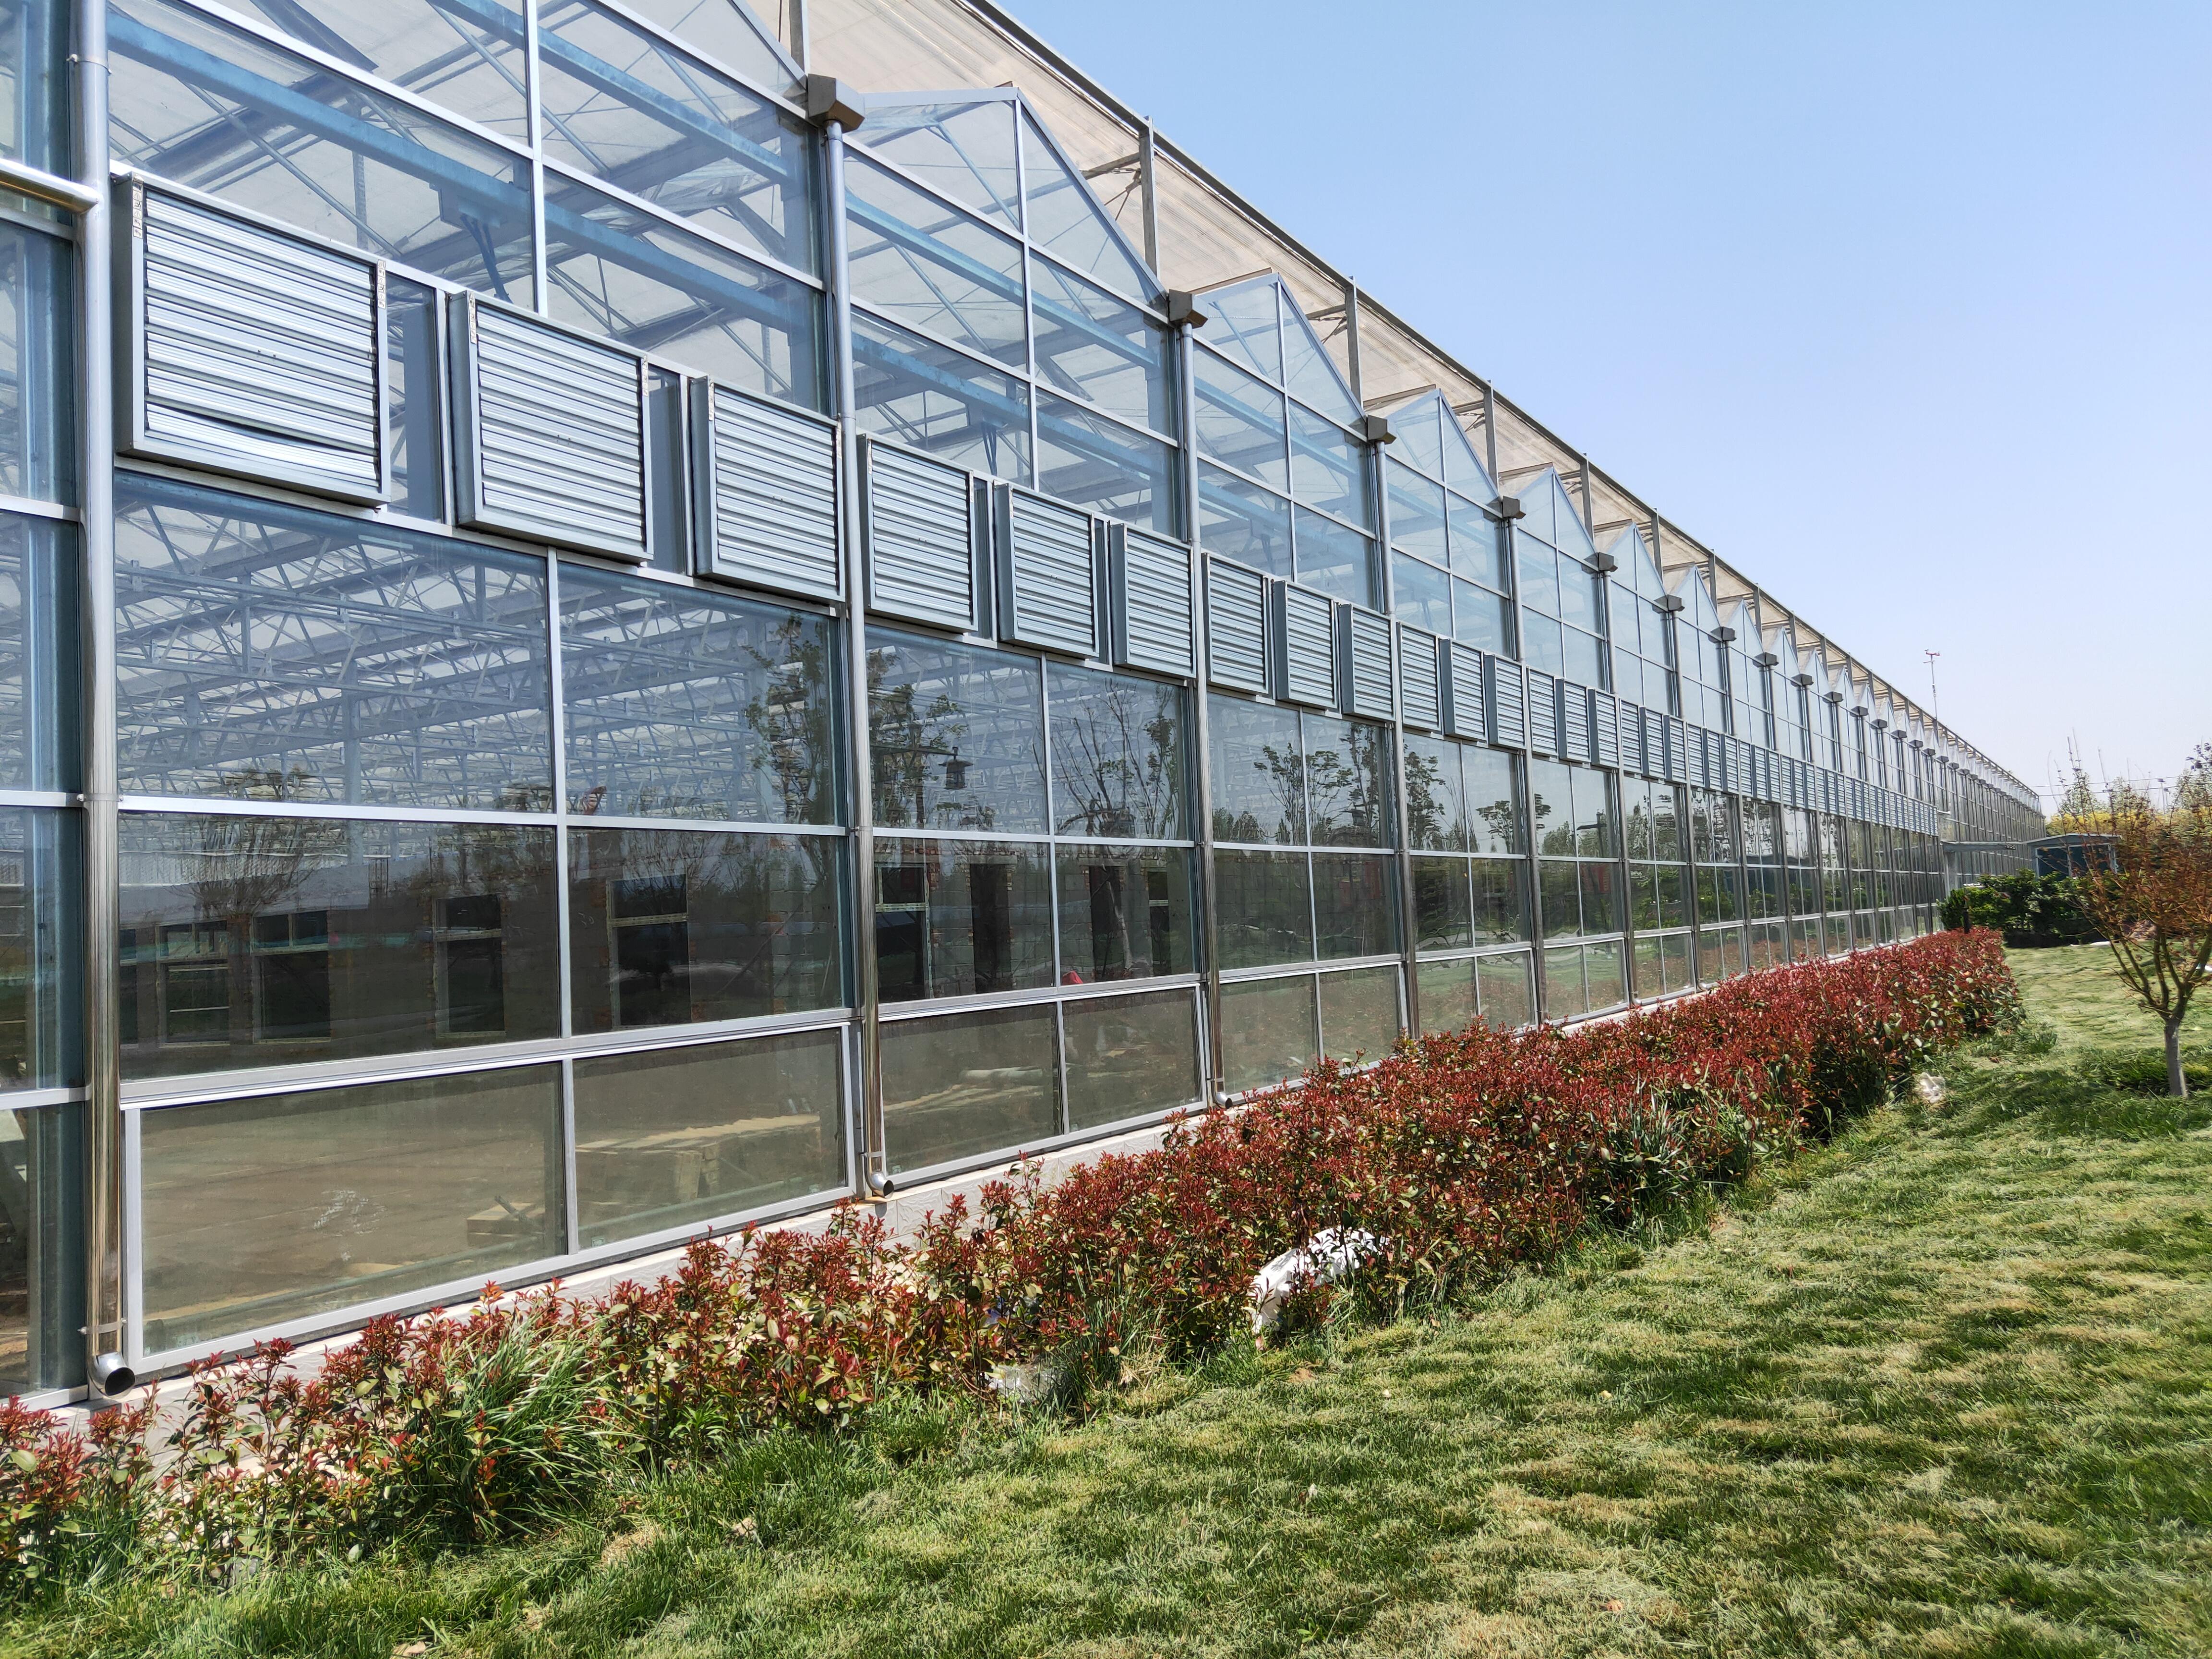 智能温室降温的风机水帘这么些年您是否用对了?降温系统工作事项